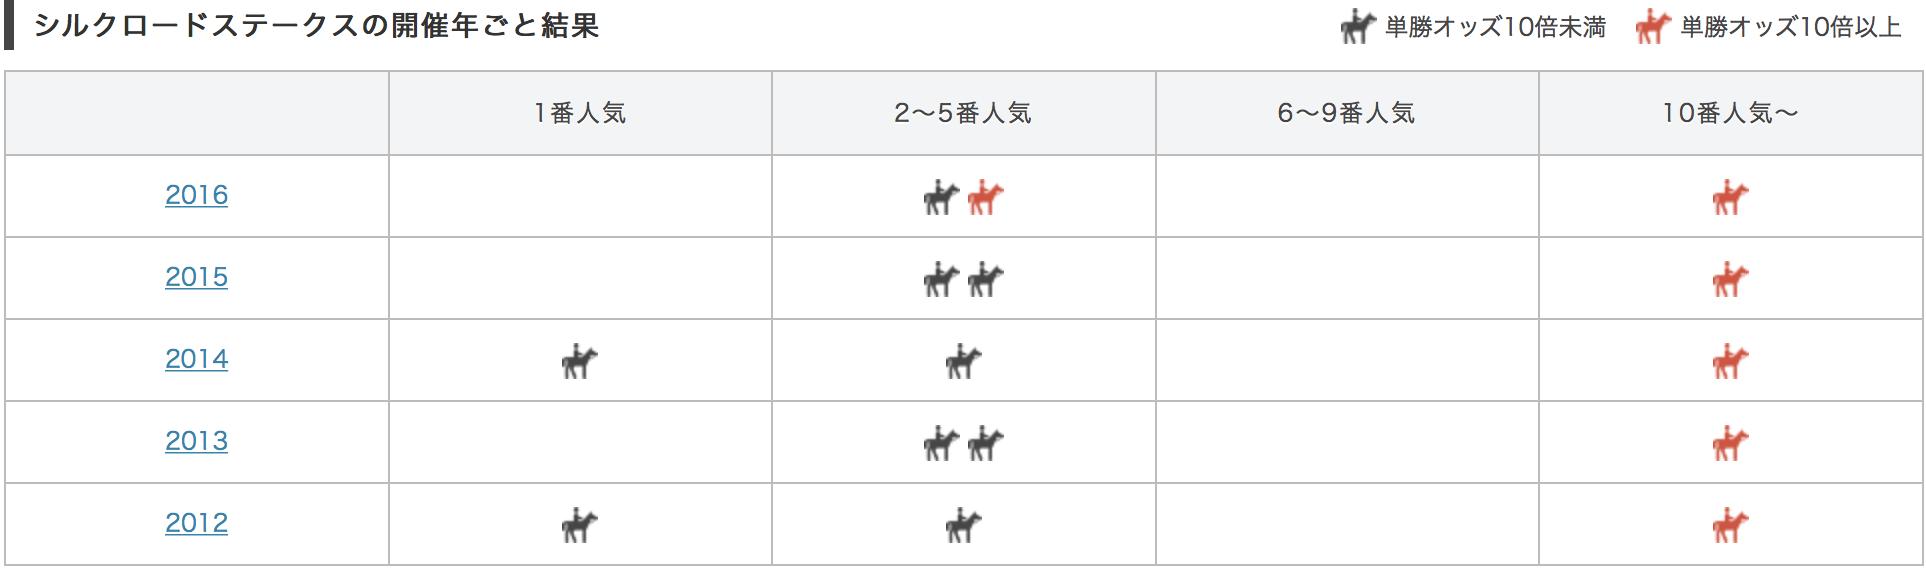 シルクロードステークス2017単勝人気別データ